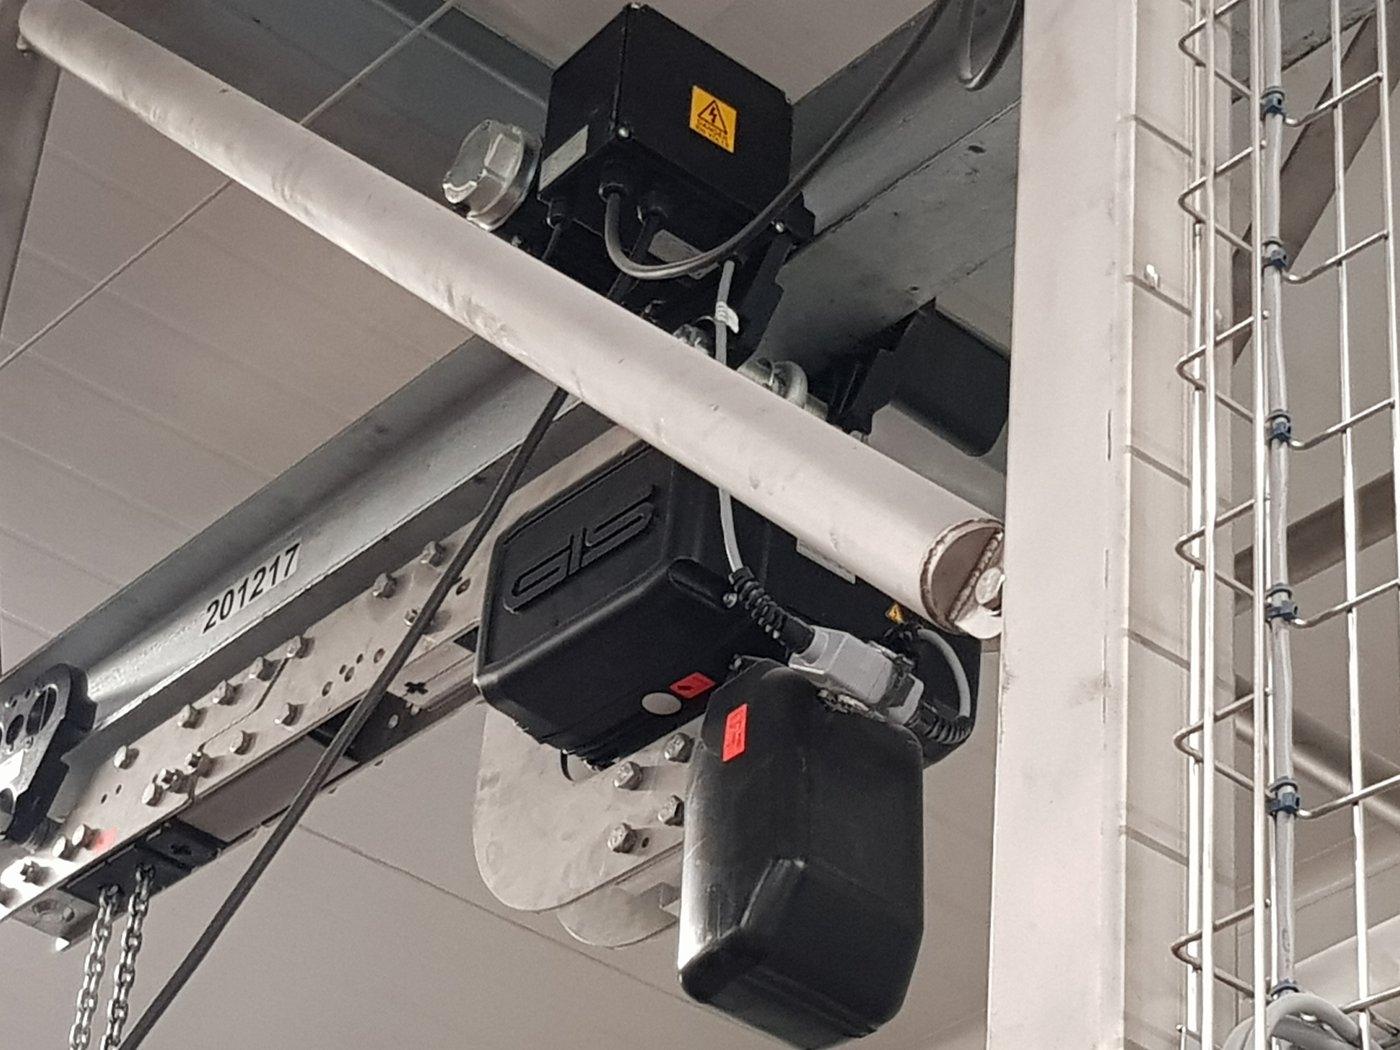 Gis Stainless steel hoist